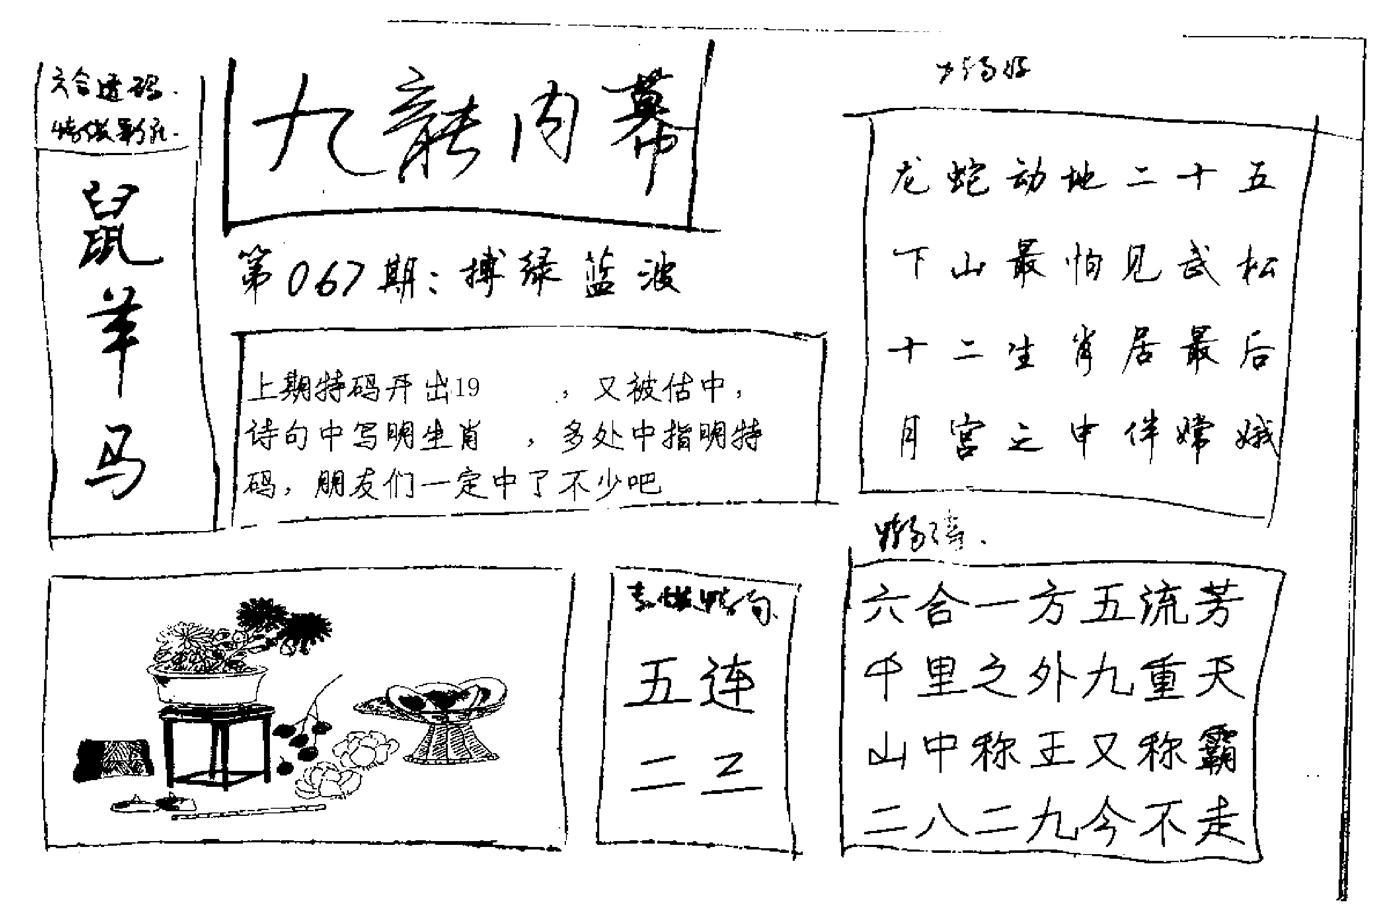 067期九龙内幕手写(黑白)